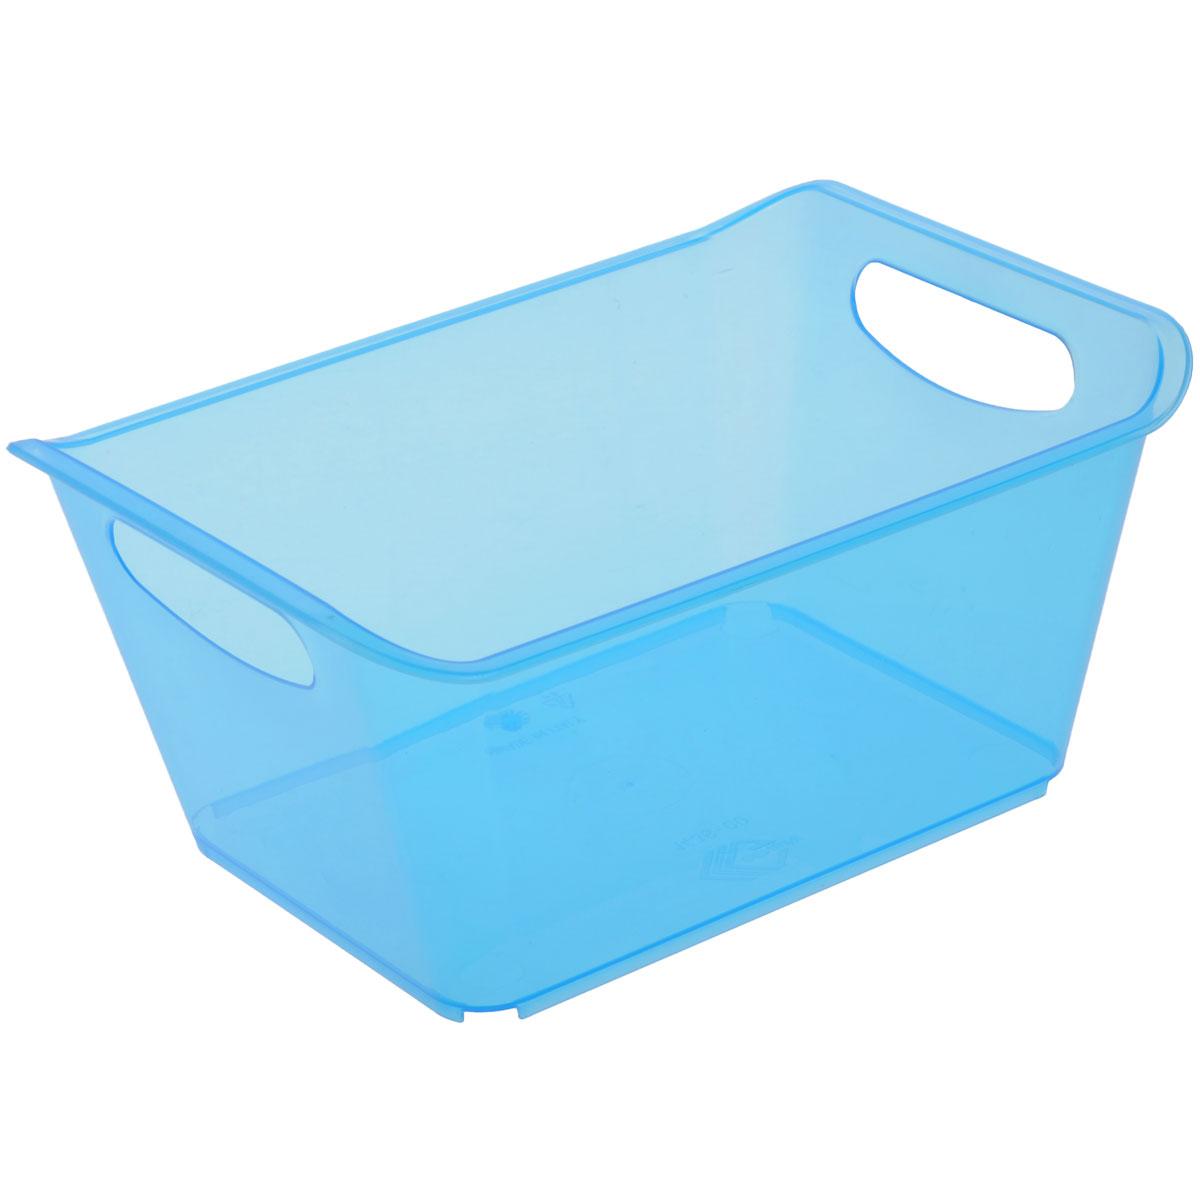 Контейнер Gensini, цвет: голубой, 1,5 л3330_голубойКонтейнер Gensini выполнен из прочного пластика. Он предназначен для хранения различных мелких вещей в ванной, на кухне, даче или гараже, исключая возможность их потери. По бокам контейнера предусмотрены две удобные ручки для его переноски.Контейнер поможет хранить все в одном месте, а также защитить вещи от пыли, грязи и влаги. Объем: 1,5 л.